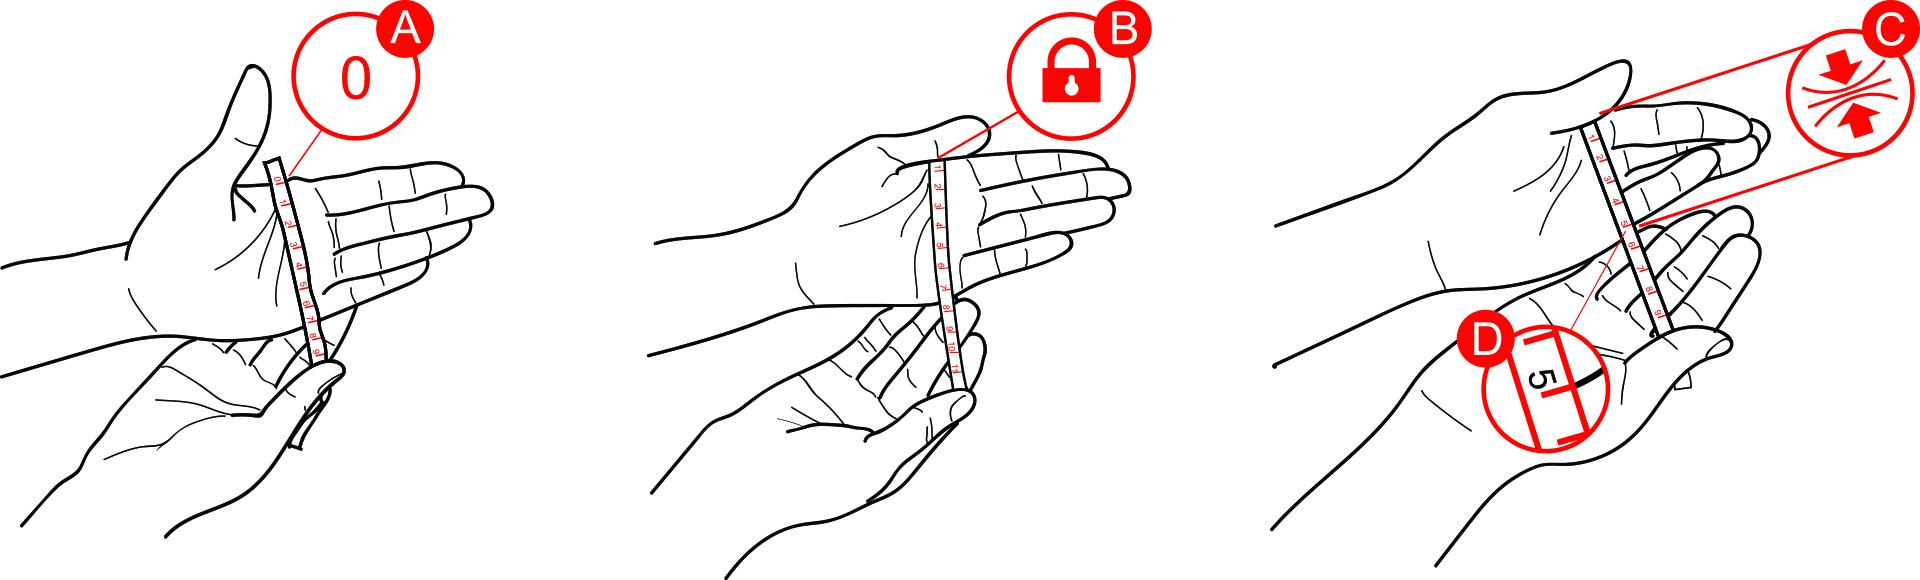 mittag jewelry|手環圍尺寸測量順序